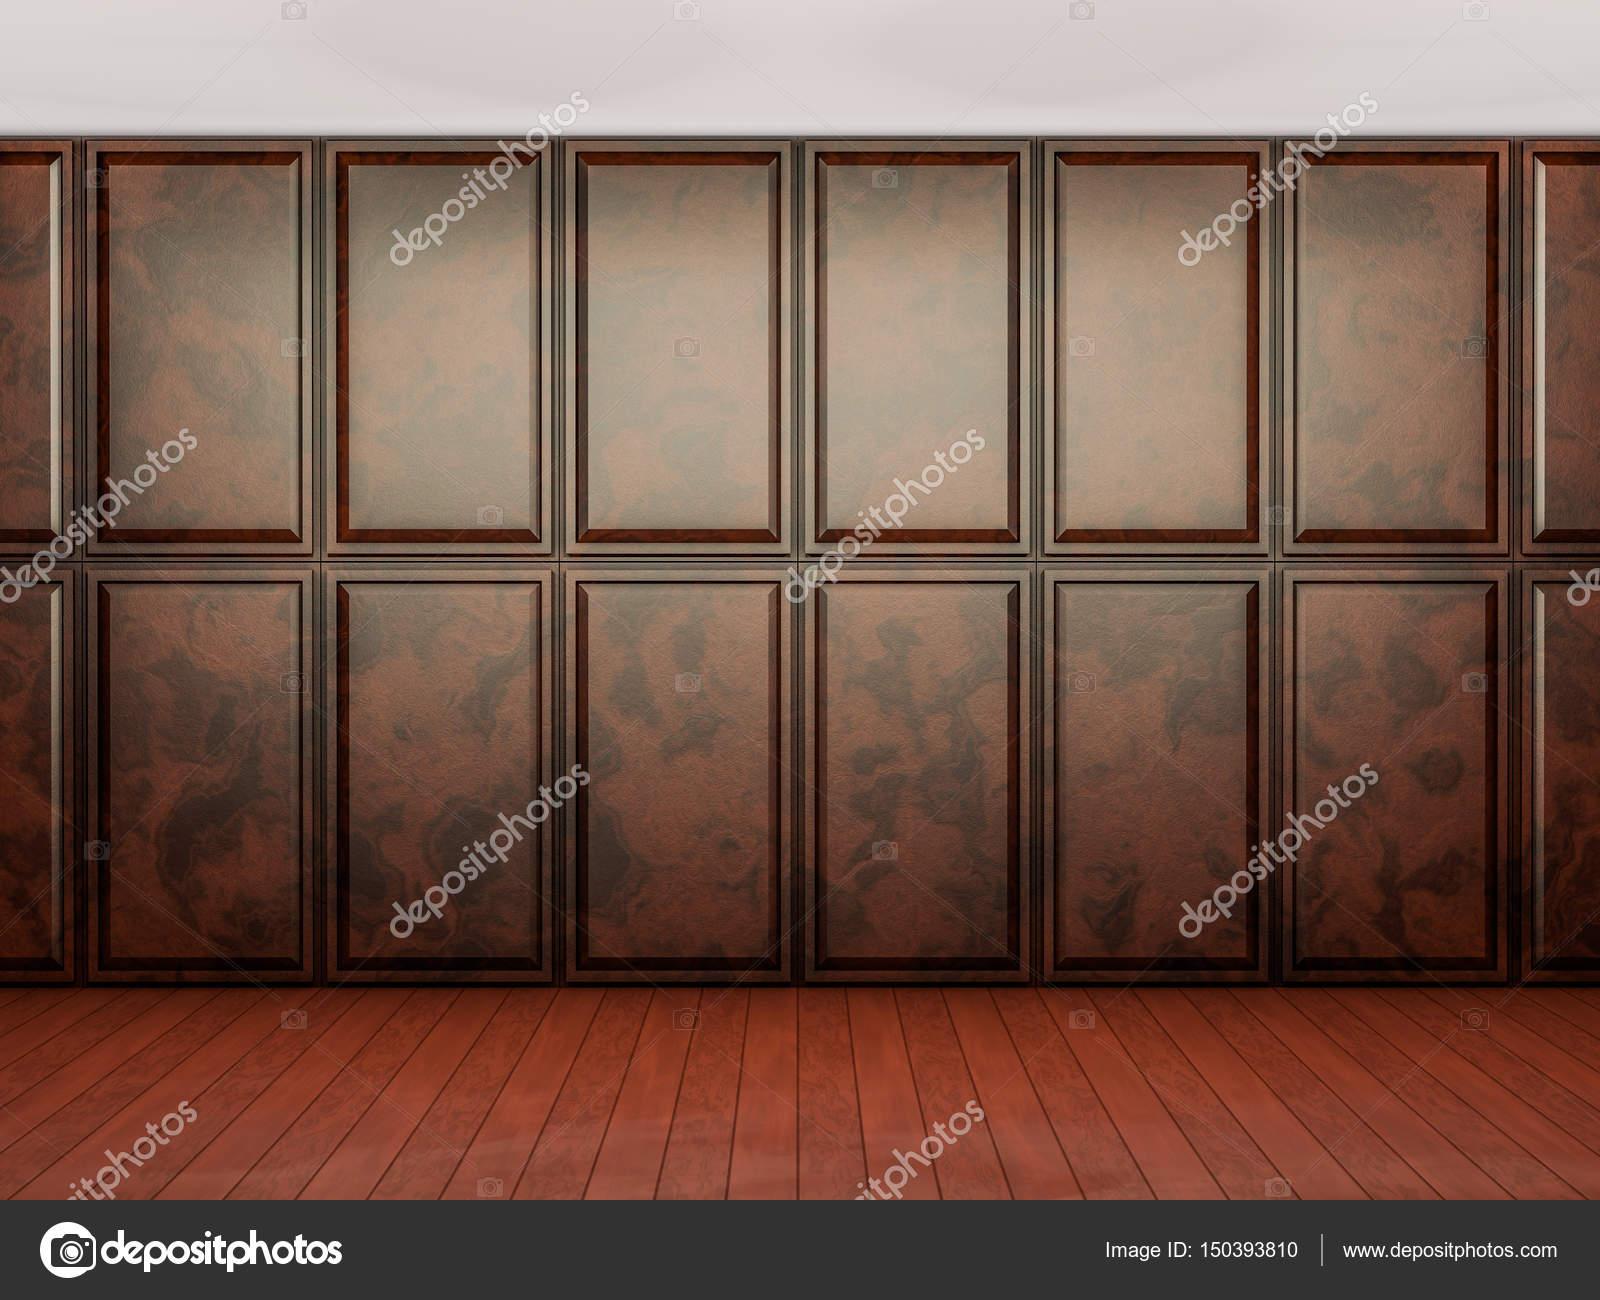 Holzvertäfelung leeren innenraum hintergrund zimmer mit braunen holzvertäfelung